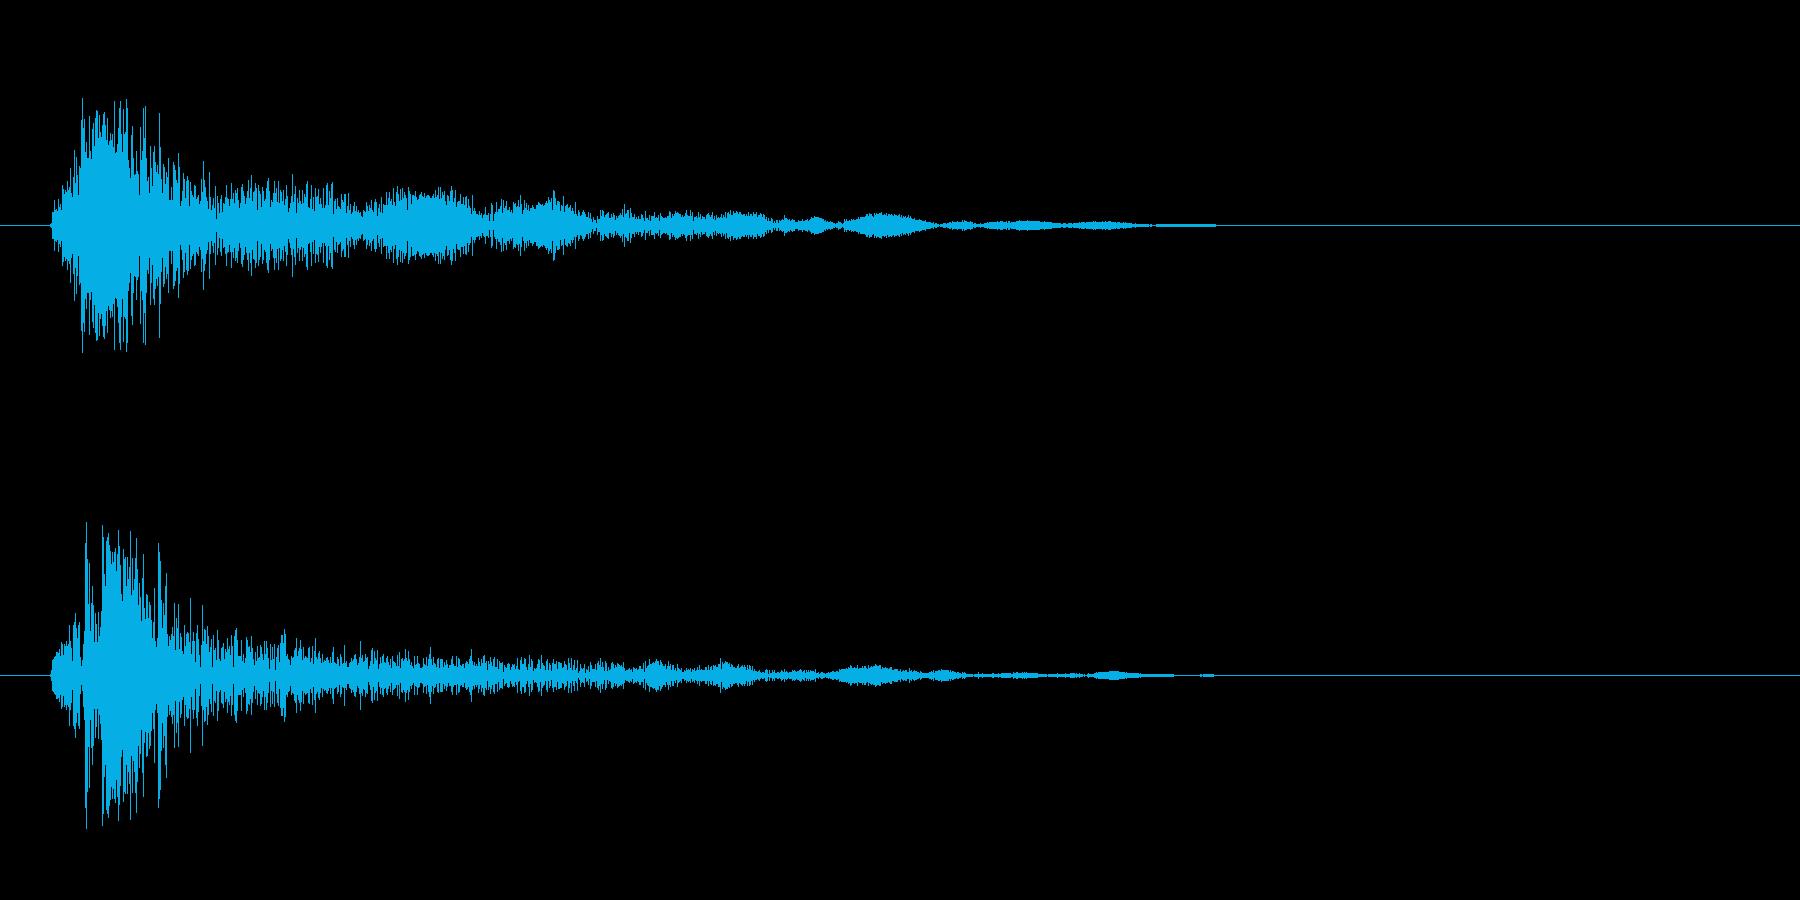 チャッ(着火音のような低音)の再生済みの波形